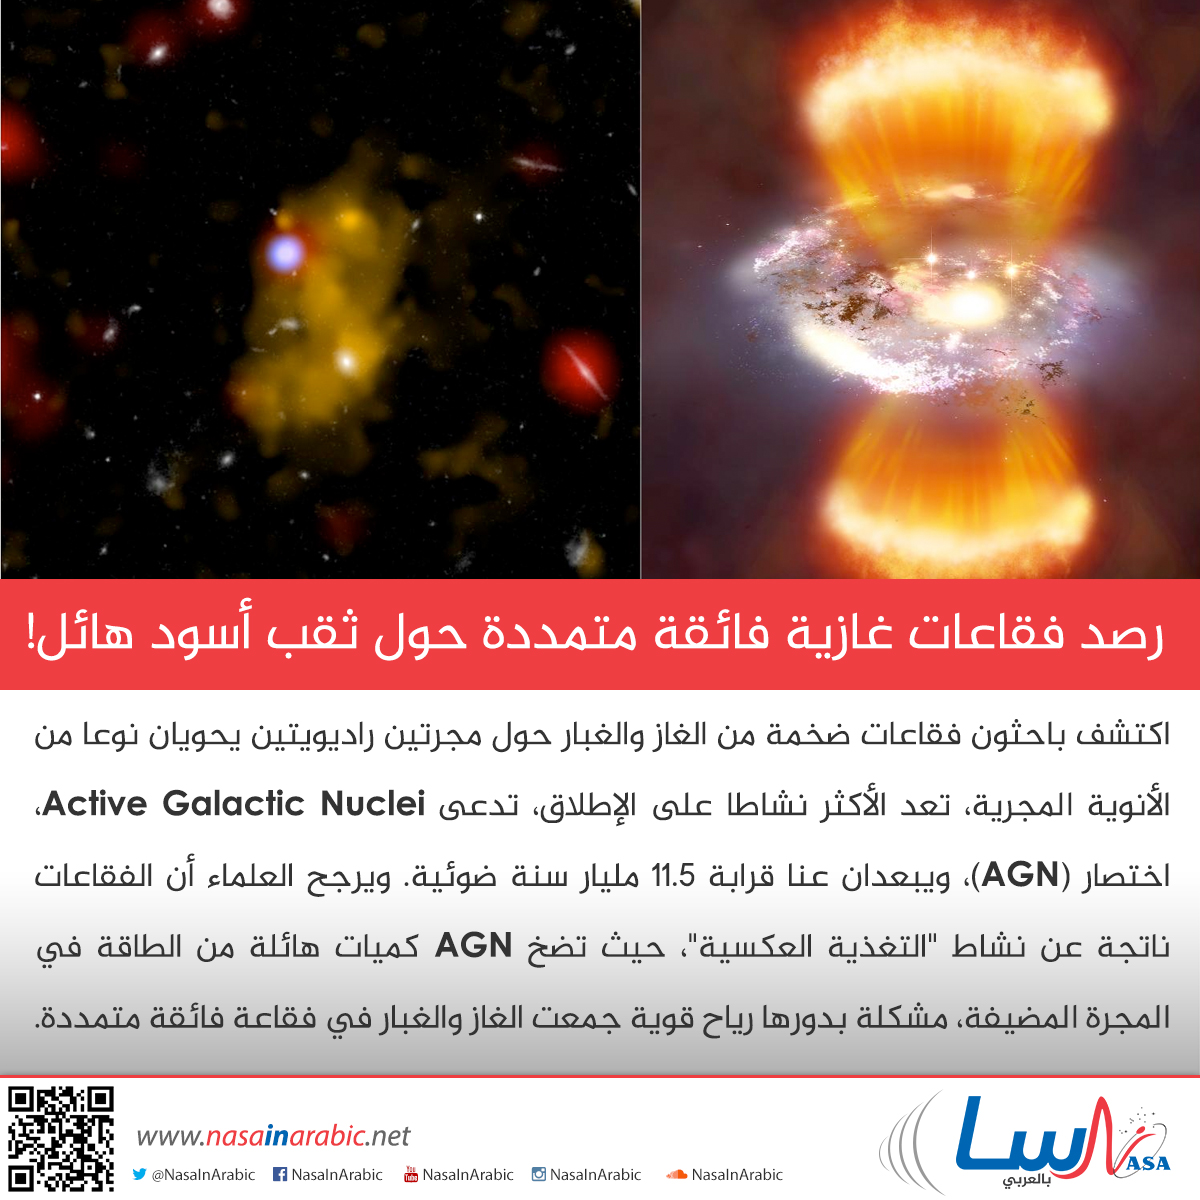 رصد فقاعات غازية فائقة متمددة حول ثقب أسود هائل!